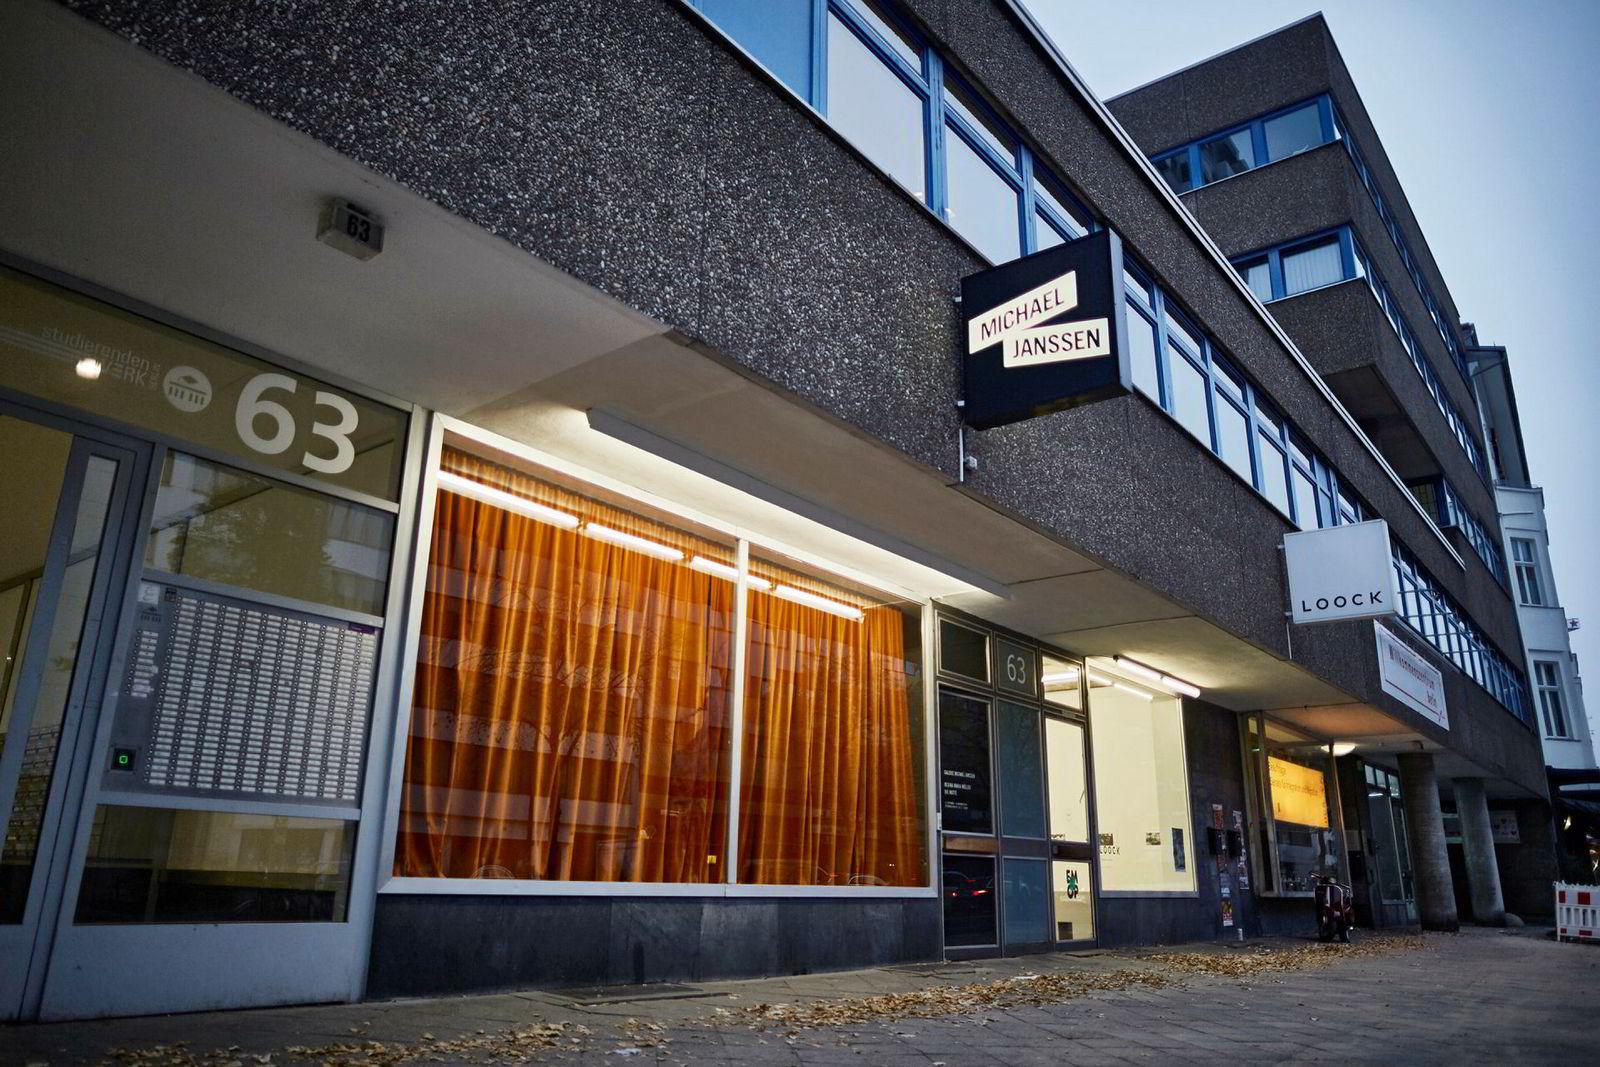 Gallerie Michael Janssen ligger sentralt i Berlin.